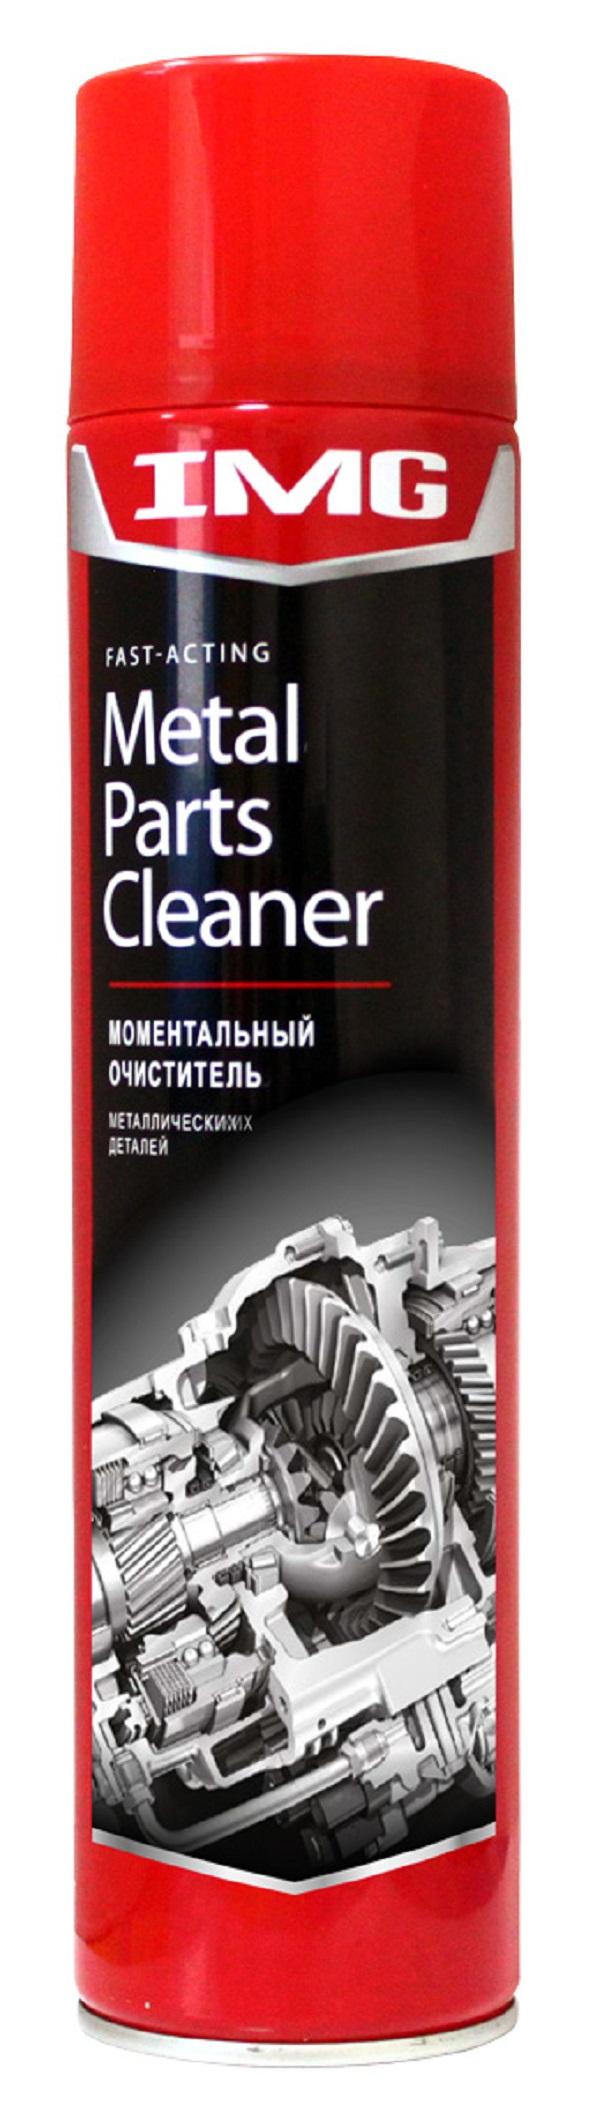 Моментальный очиститель металлических деталей 800 мл (аэрозоль)